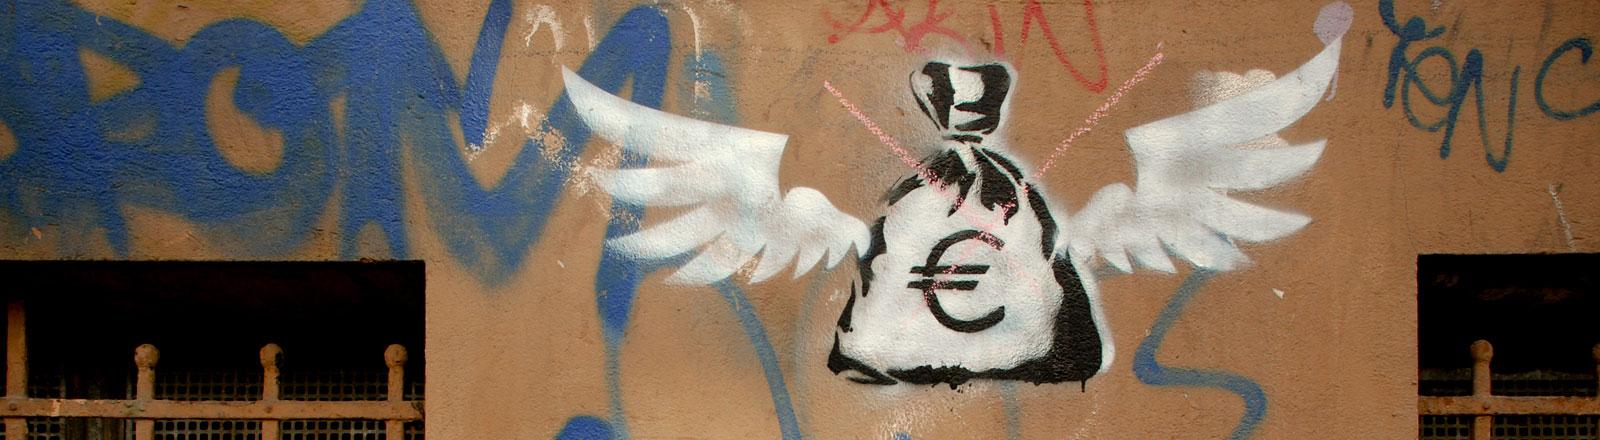 Ein Graffitti auf einer Wand zeigt einen Geldsack mit Flügeln.